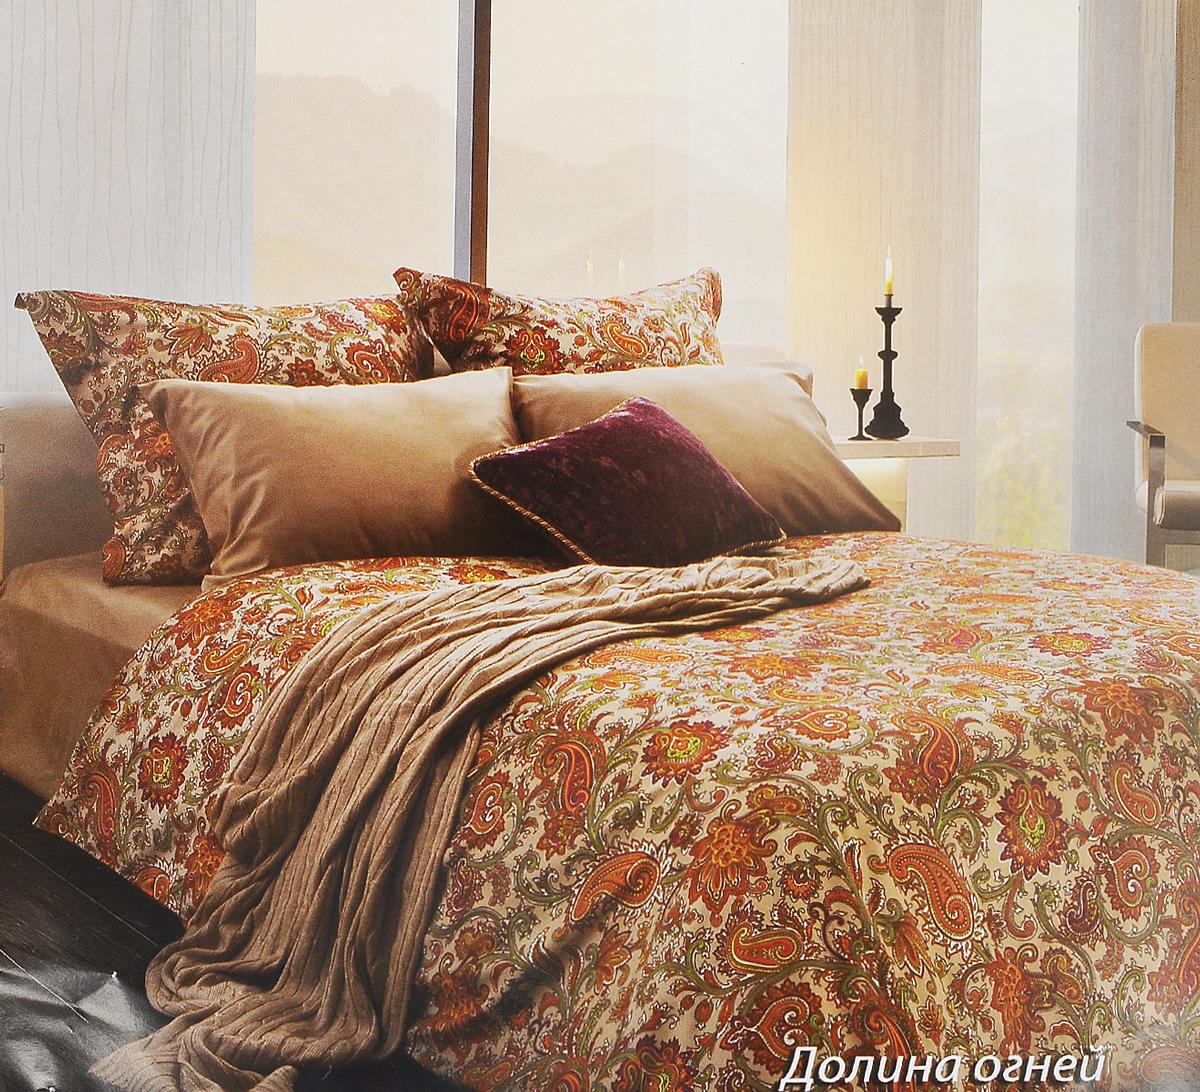 Комплект белья Tiffanys Secret Долина огней, 1,5-спальный, наволочки 50х70, цвет: бежевый, оранжевый, белый2040816092Комплект постельного белья Tiffanys Secret Долина огней является экологически безопасным для всей семьи, так как выполнен из сатина (100% хлопок). Комплект состоит из пододеяльника, простыни и двух наволочек. Предметы комплекта оформлены оригинальным рисунком. Благодаря такому комплекту постельного белья вы сможете создать атмосферу уюта и комфорта в вашей спальне. Сатин - это ткань, навсегда покорившая сердца человечества. Ценившие роскошь персы называли ее атлас, а искушенные в прекрасном французы - сатин. Секрет высококачественного сатина в безупречности всего технологического процесса. Эту благородную ткань делают только из отборной натуральной пряжи, которую получают из самого лучшего тонковолокнистого хлопка. Благодаря использованию самой тонкой хлопковой нити получается необычайно мягкое и нежное полотно. Сатиновое постельное белье превращает жаркие летние ночи в прохладные и освежающие, а холодные зимние - в теплые и согревающие. ...